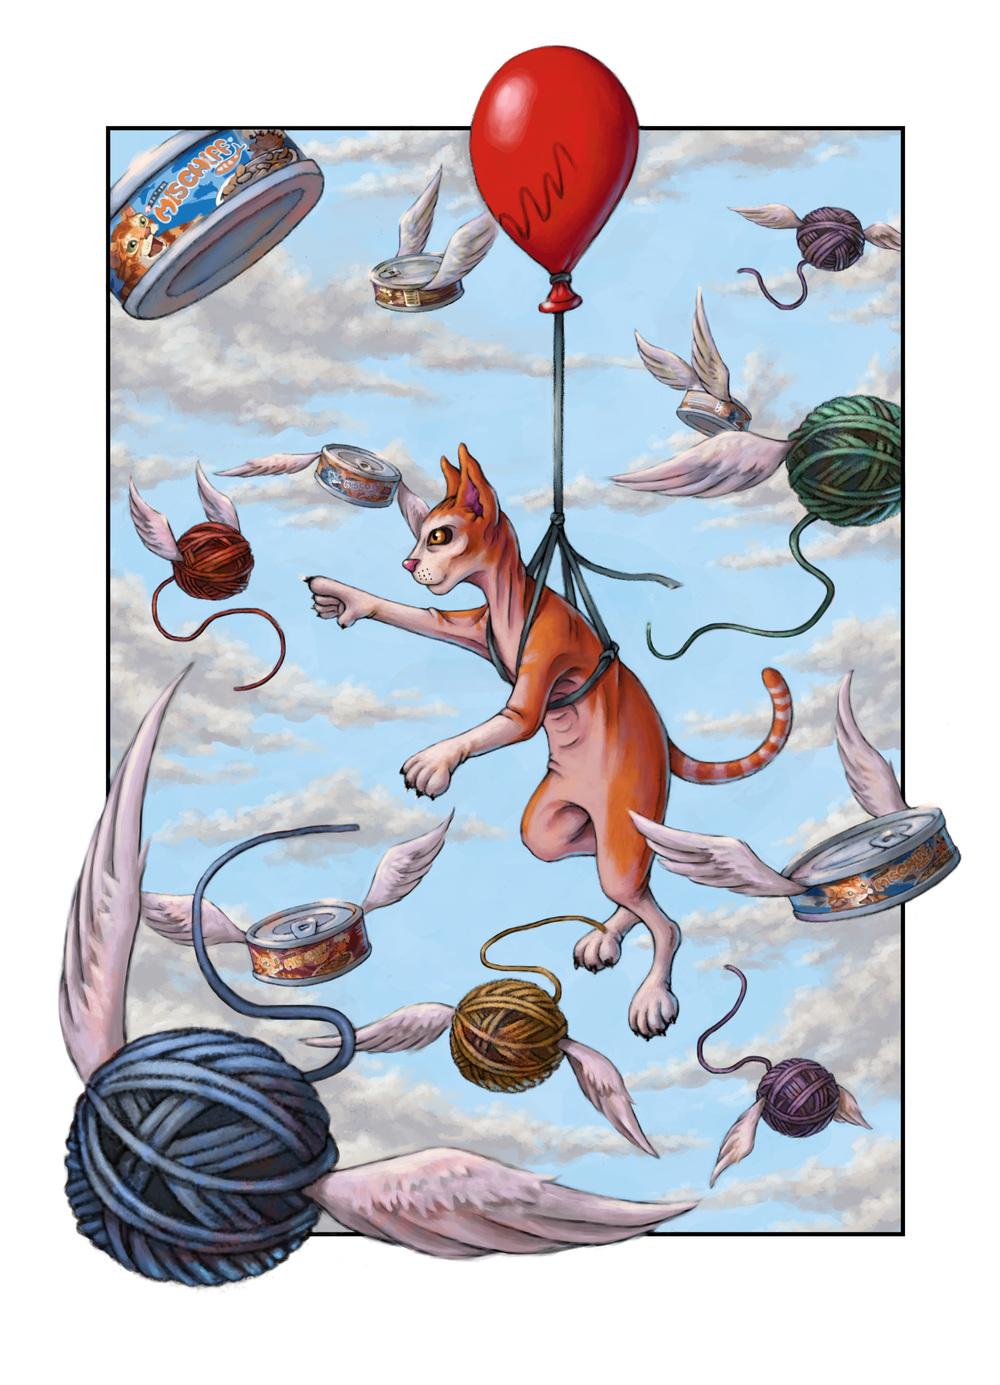 Bernard and the Awkward Balloon (scene 5)